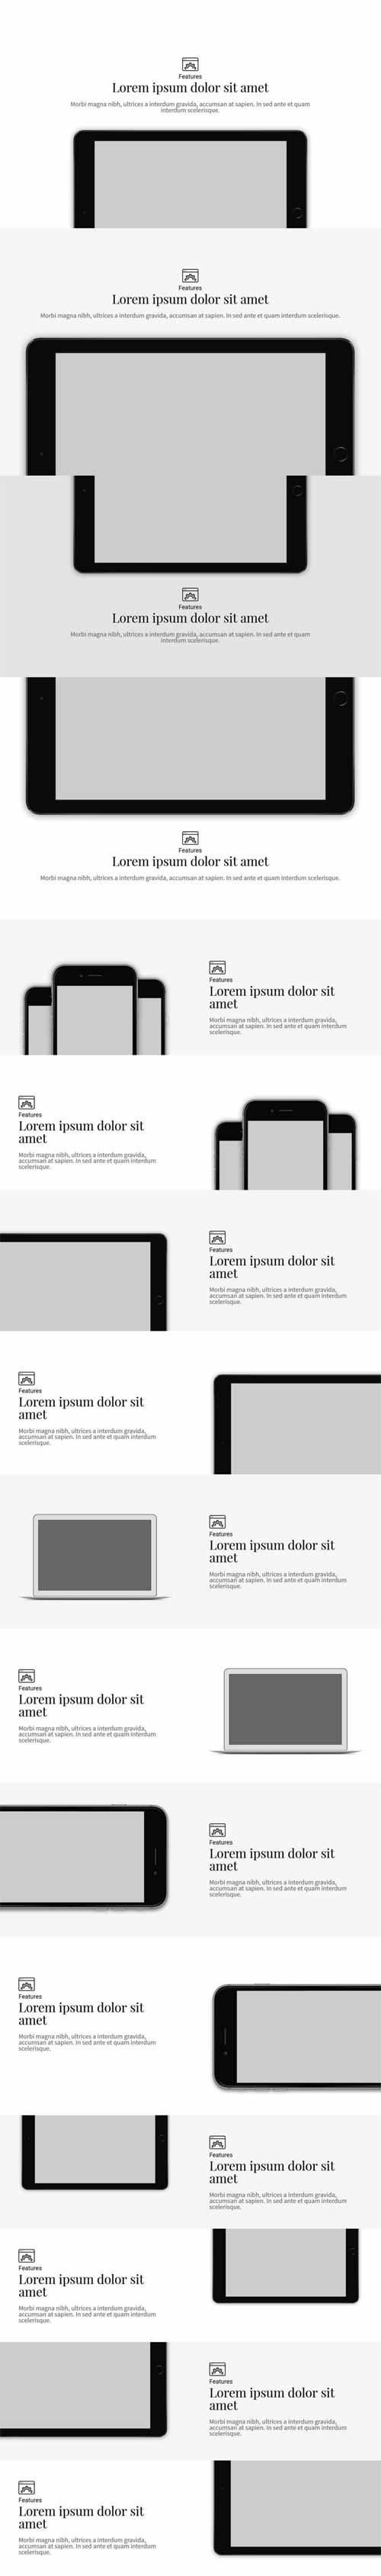 divi sections layout bundle